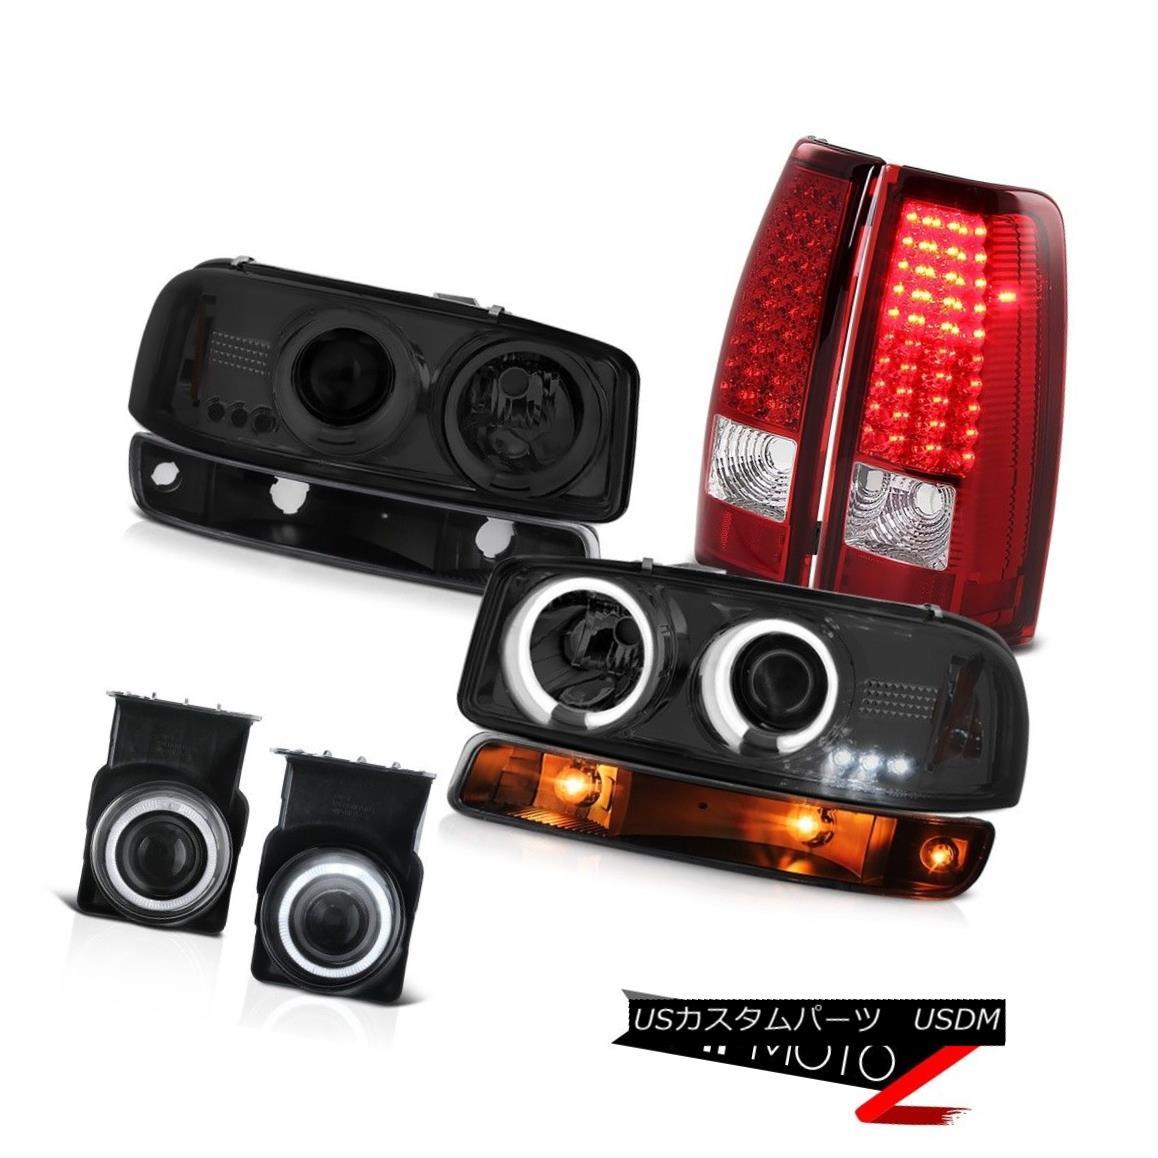 テールライト 2003-2006 Sierra C3 Chrome fog lamps red tail signal light smoked ccfl Headlamps 2003-2006シエラC3クロームフォグランプレッドテールシグナルライトccflヘッドランプ